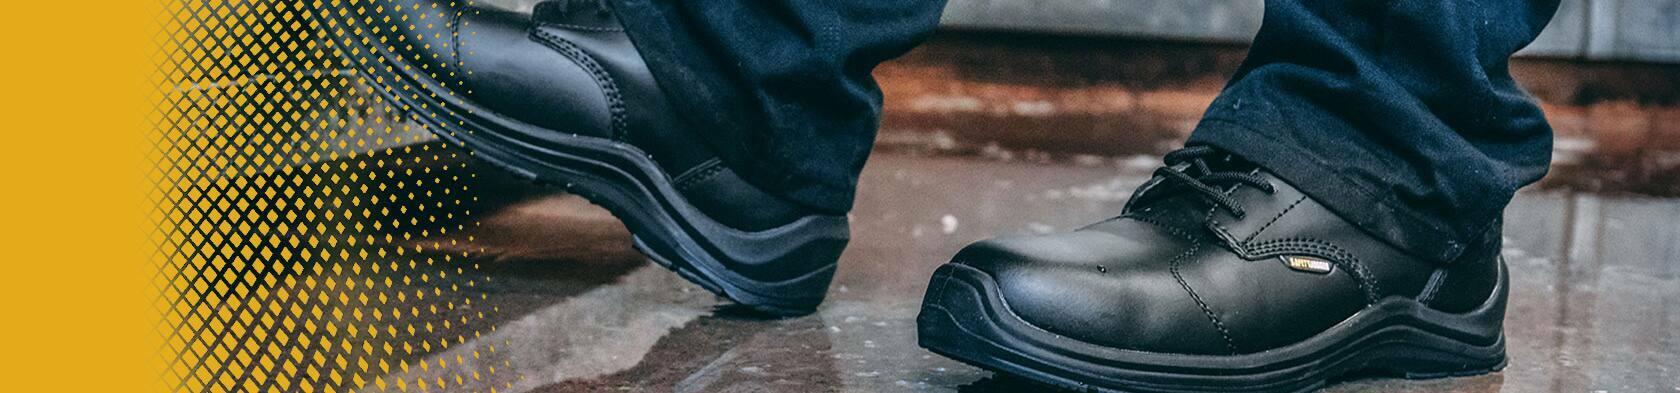 Werkschoenen Slagerij Dames.Veiligheidsschoenen Van Shoes For Crews Europe